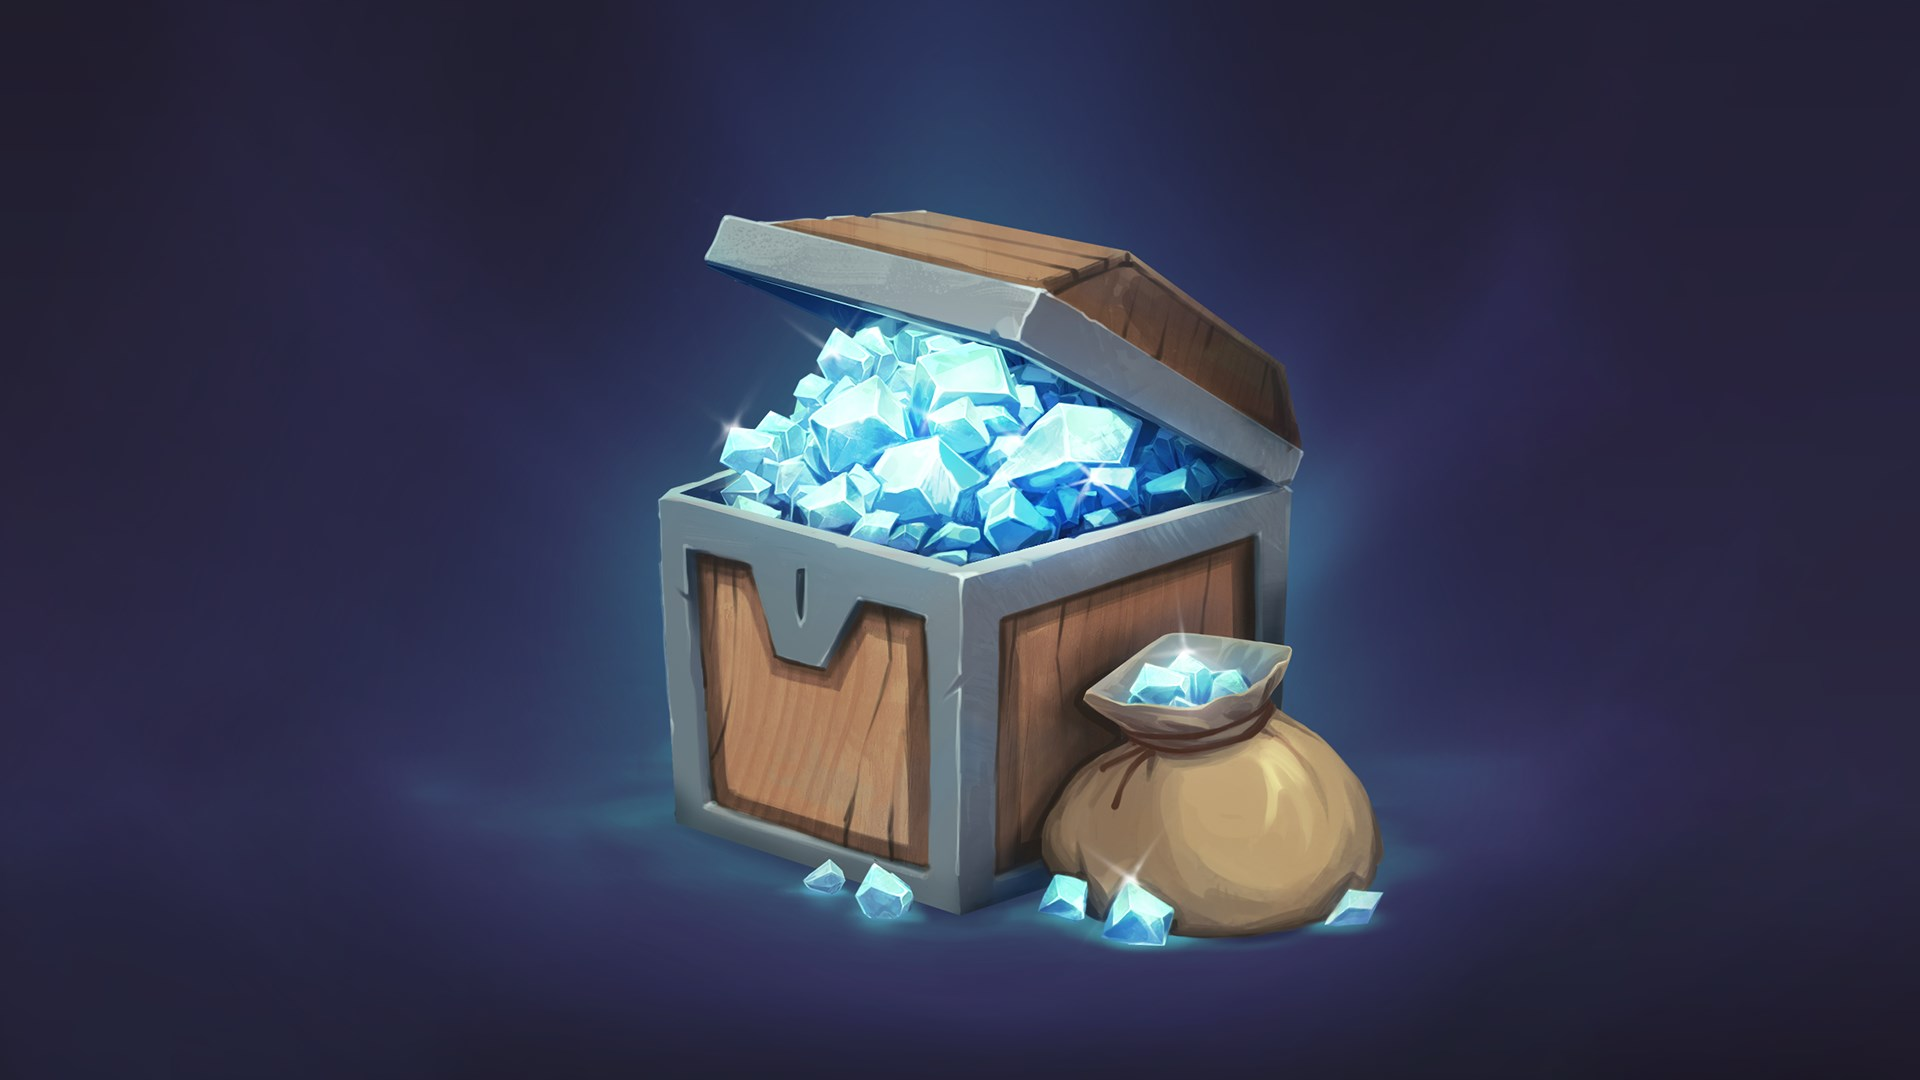 2500 Paladins Crystals